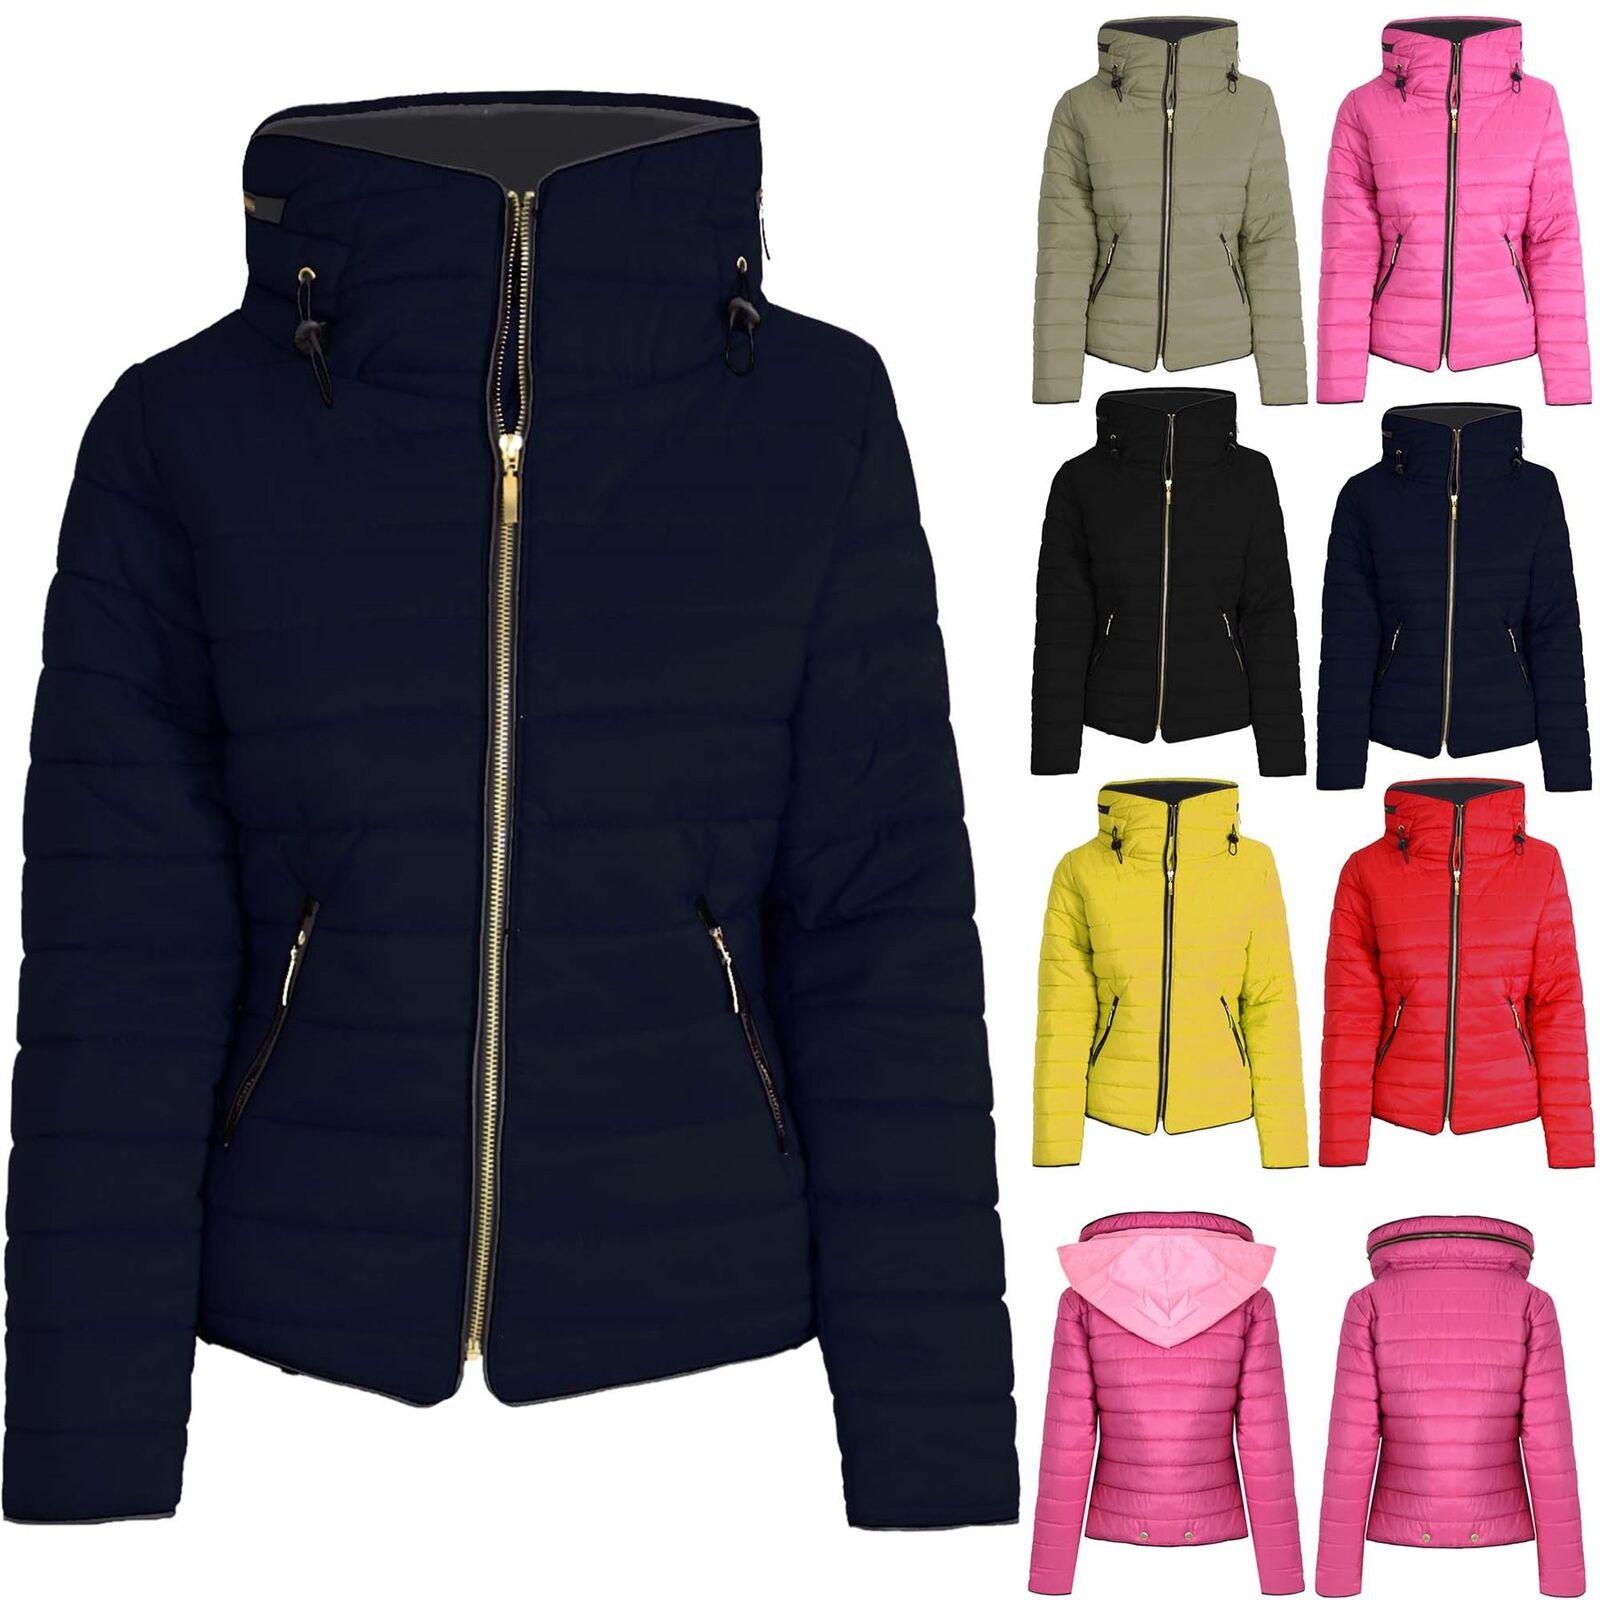 Gyerekek Párnázott Quilted Puffer Lányok Fiúk Bubble Faux Fur Nyakörv Hooded Jacket Coat